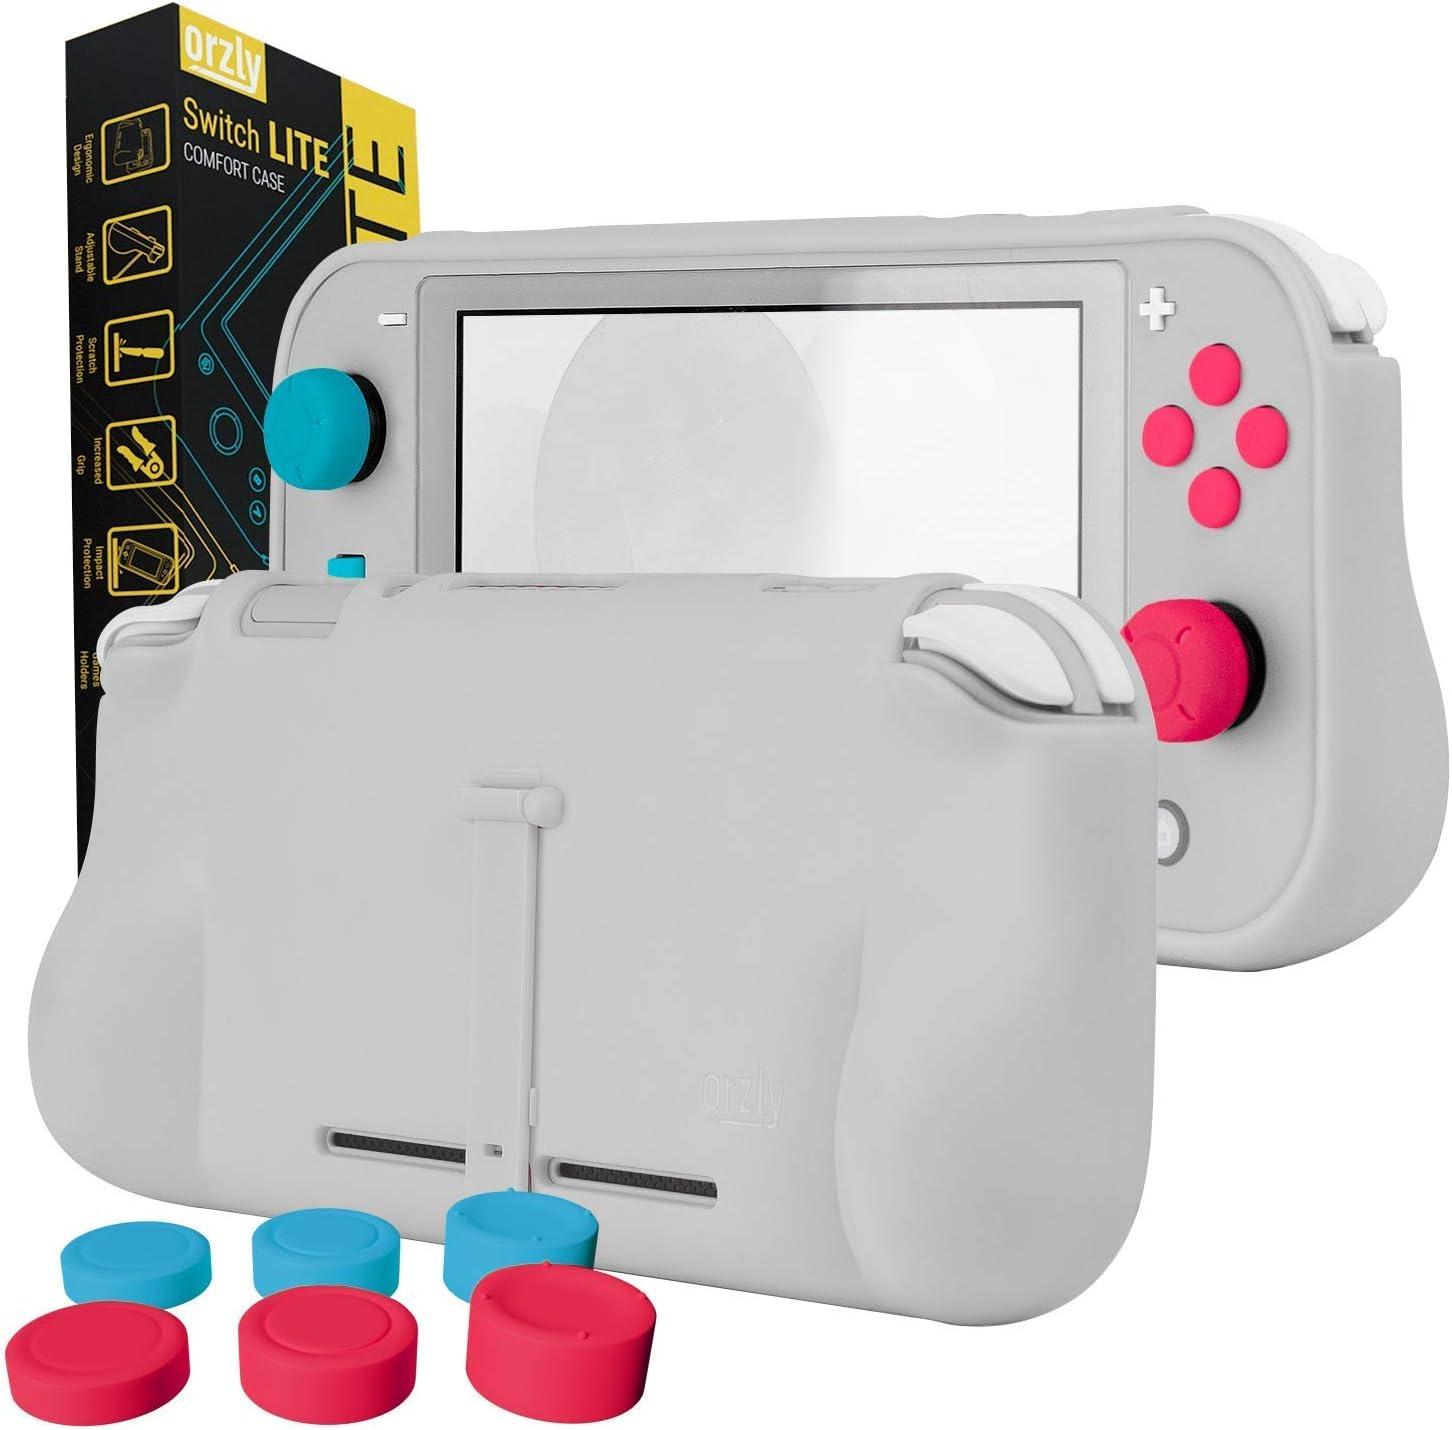 Funda para la Nintendo Switch Lite – Comfort Grip Case, Carcasa protectora con puños de mano rellenos integrados para la parte posterior de la consola Switch Lite, Con soporte plegable: Amazon.es: Electrónica